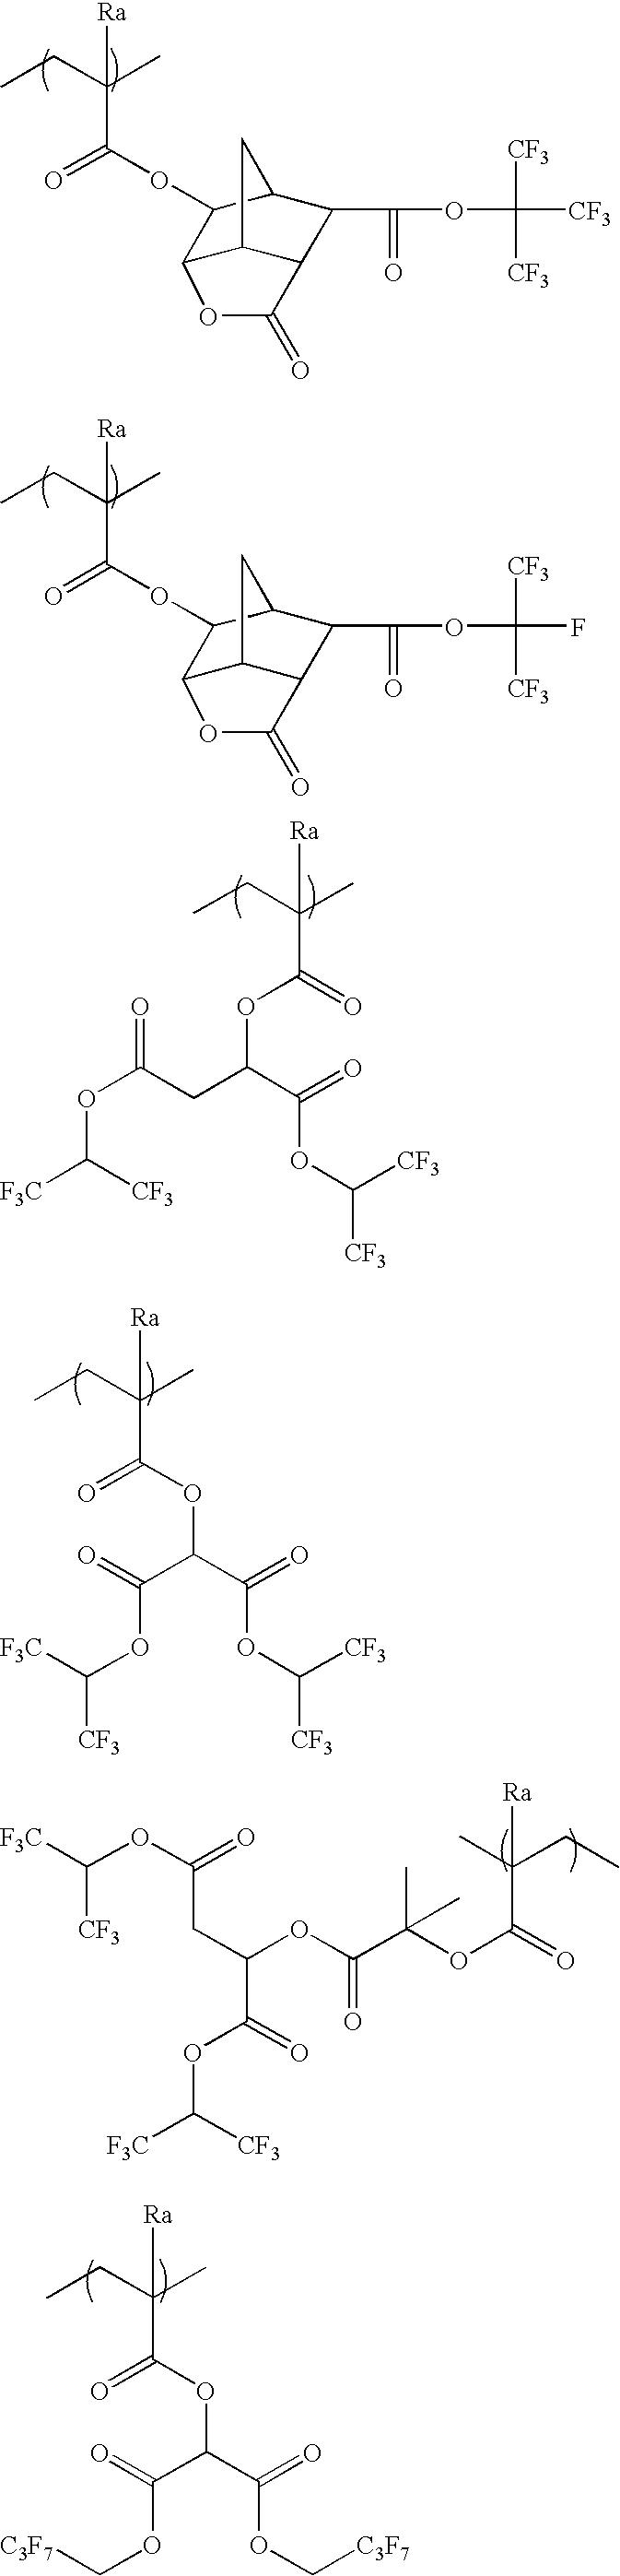 Figure US08404427-20130326-C00142